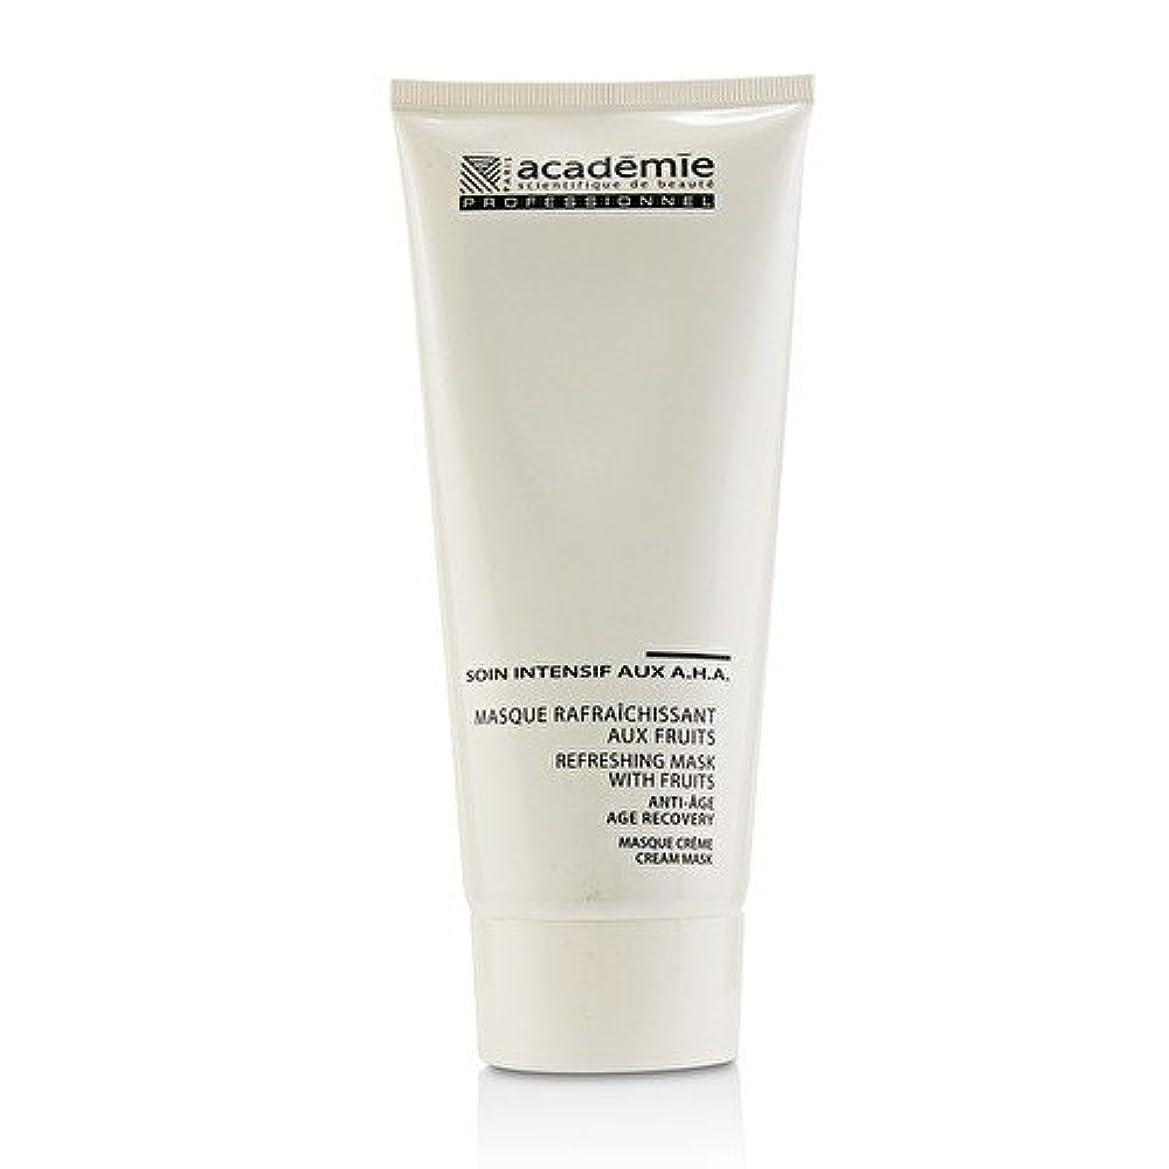 前投薬インターネット抑制アカデミー Refreshing Mask With Fruits Age Recovery Cream Mask (Salon Size) 200ml/6.7oz並行輸入品